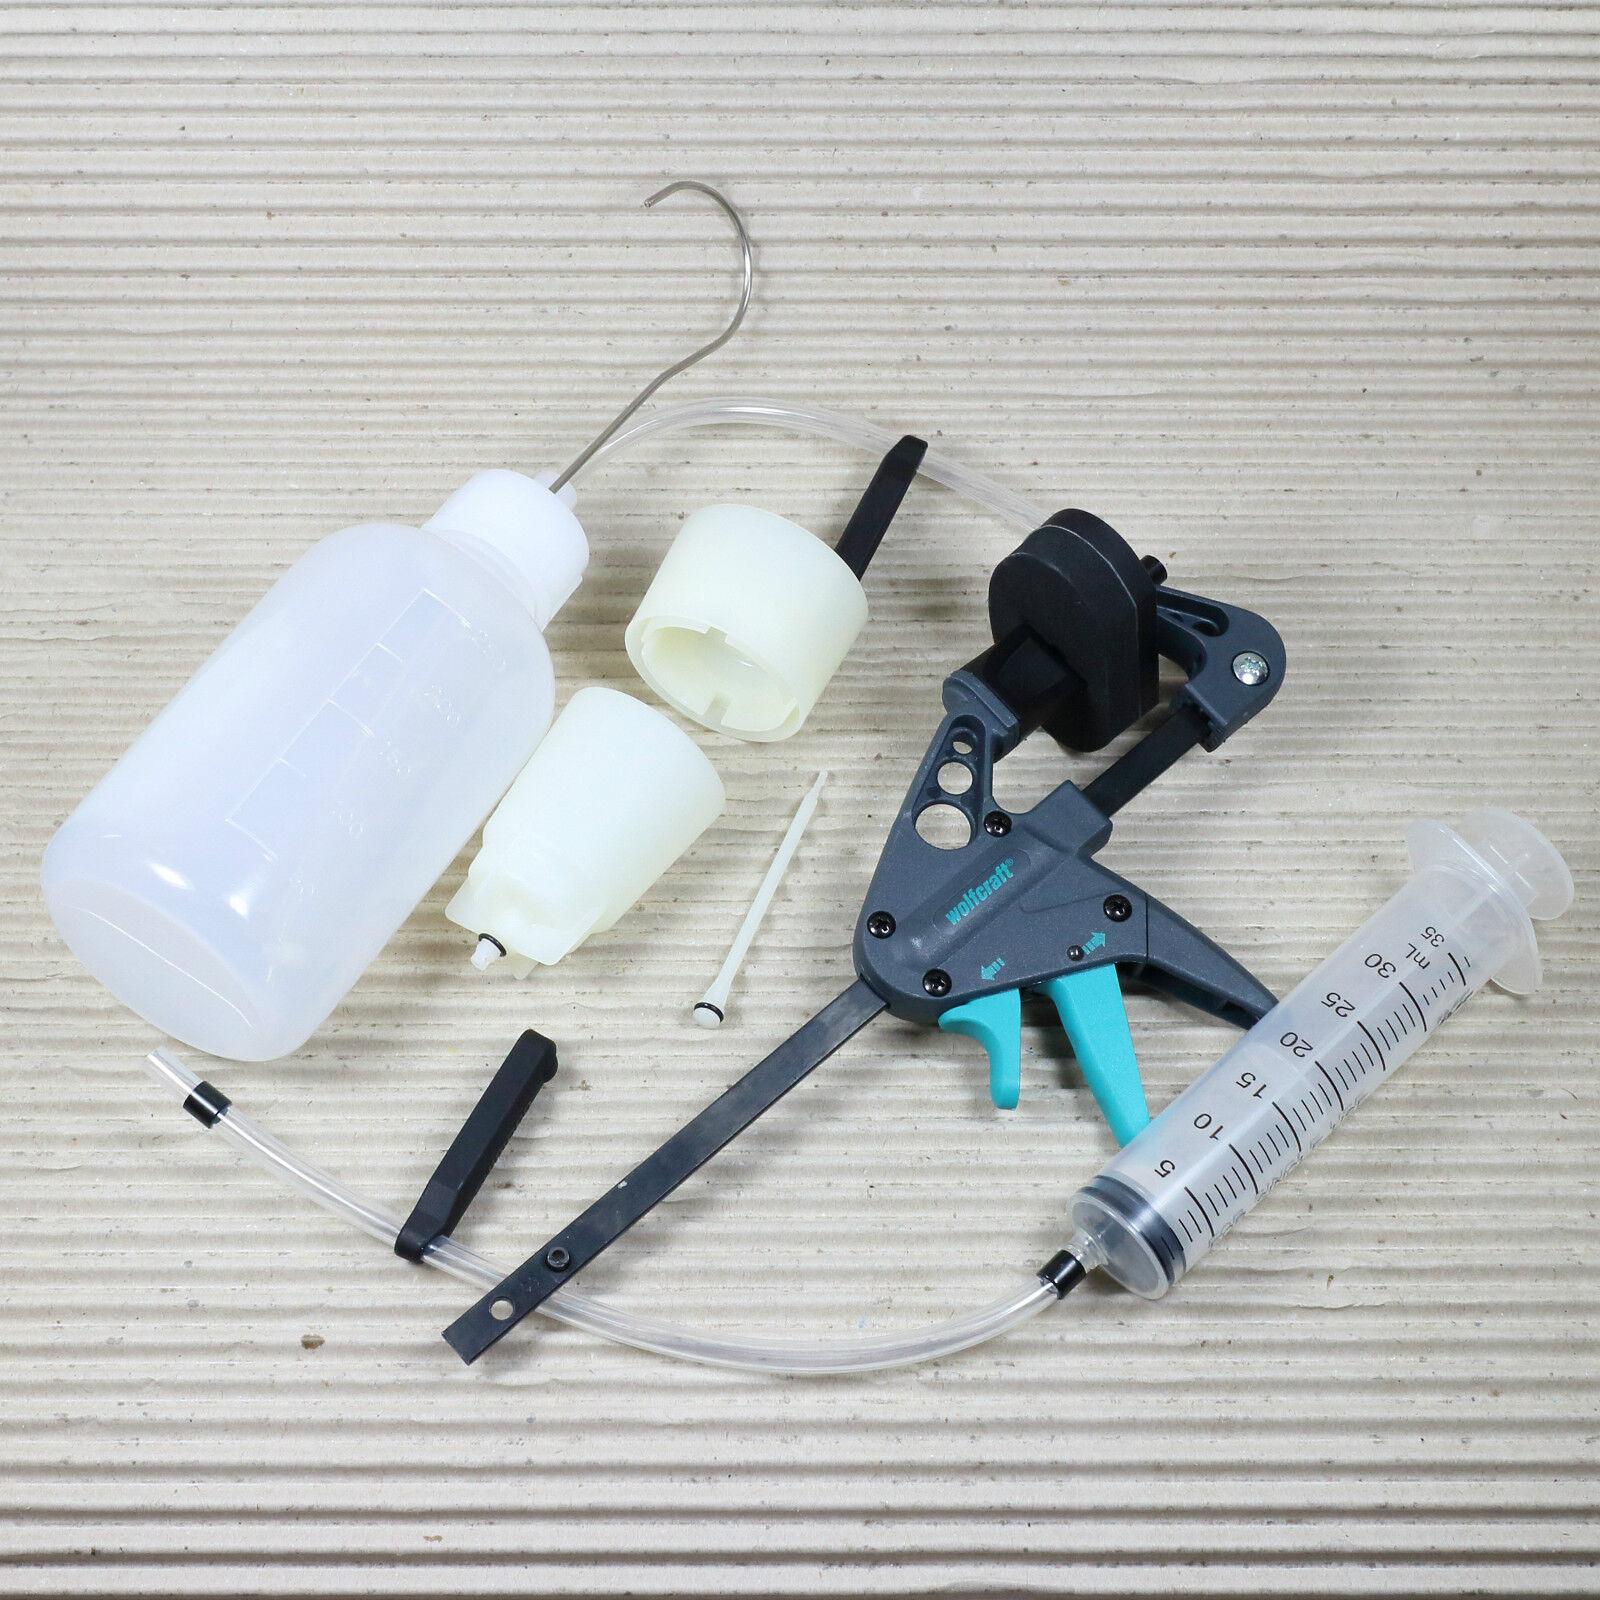 WERKZEUG Shimano TL-BT03 Entlüftungs Kit für hydraulische Scheibenbremse Shimano Scheibenbremse hydraulische b43672